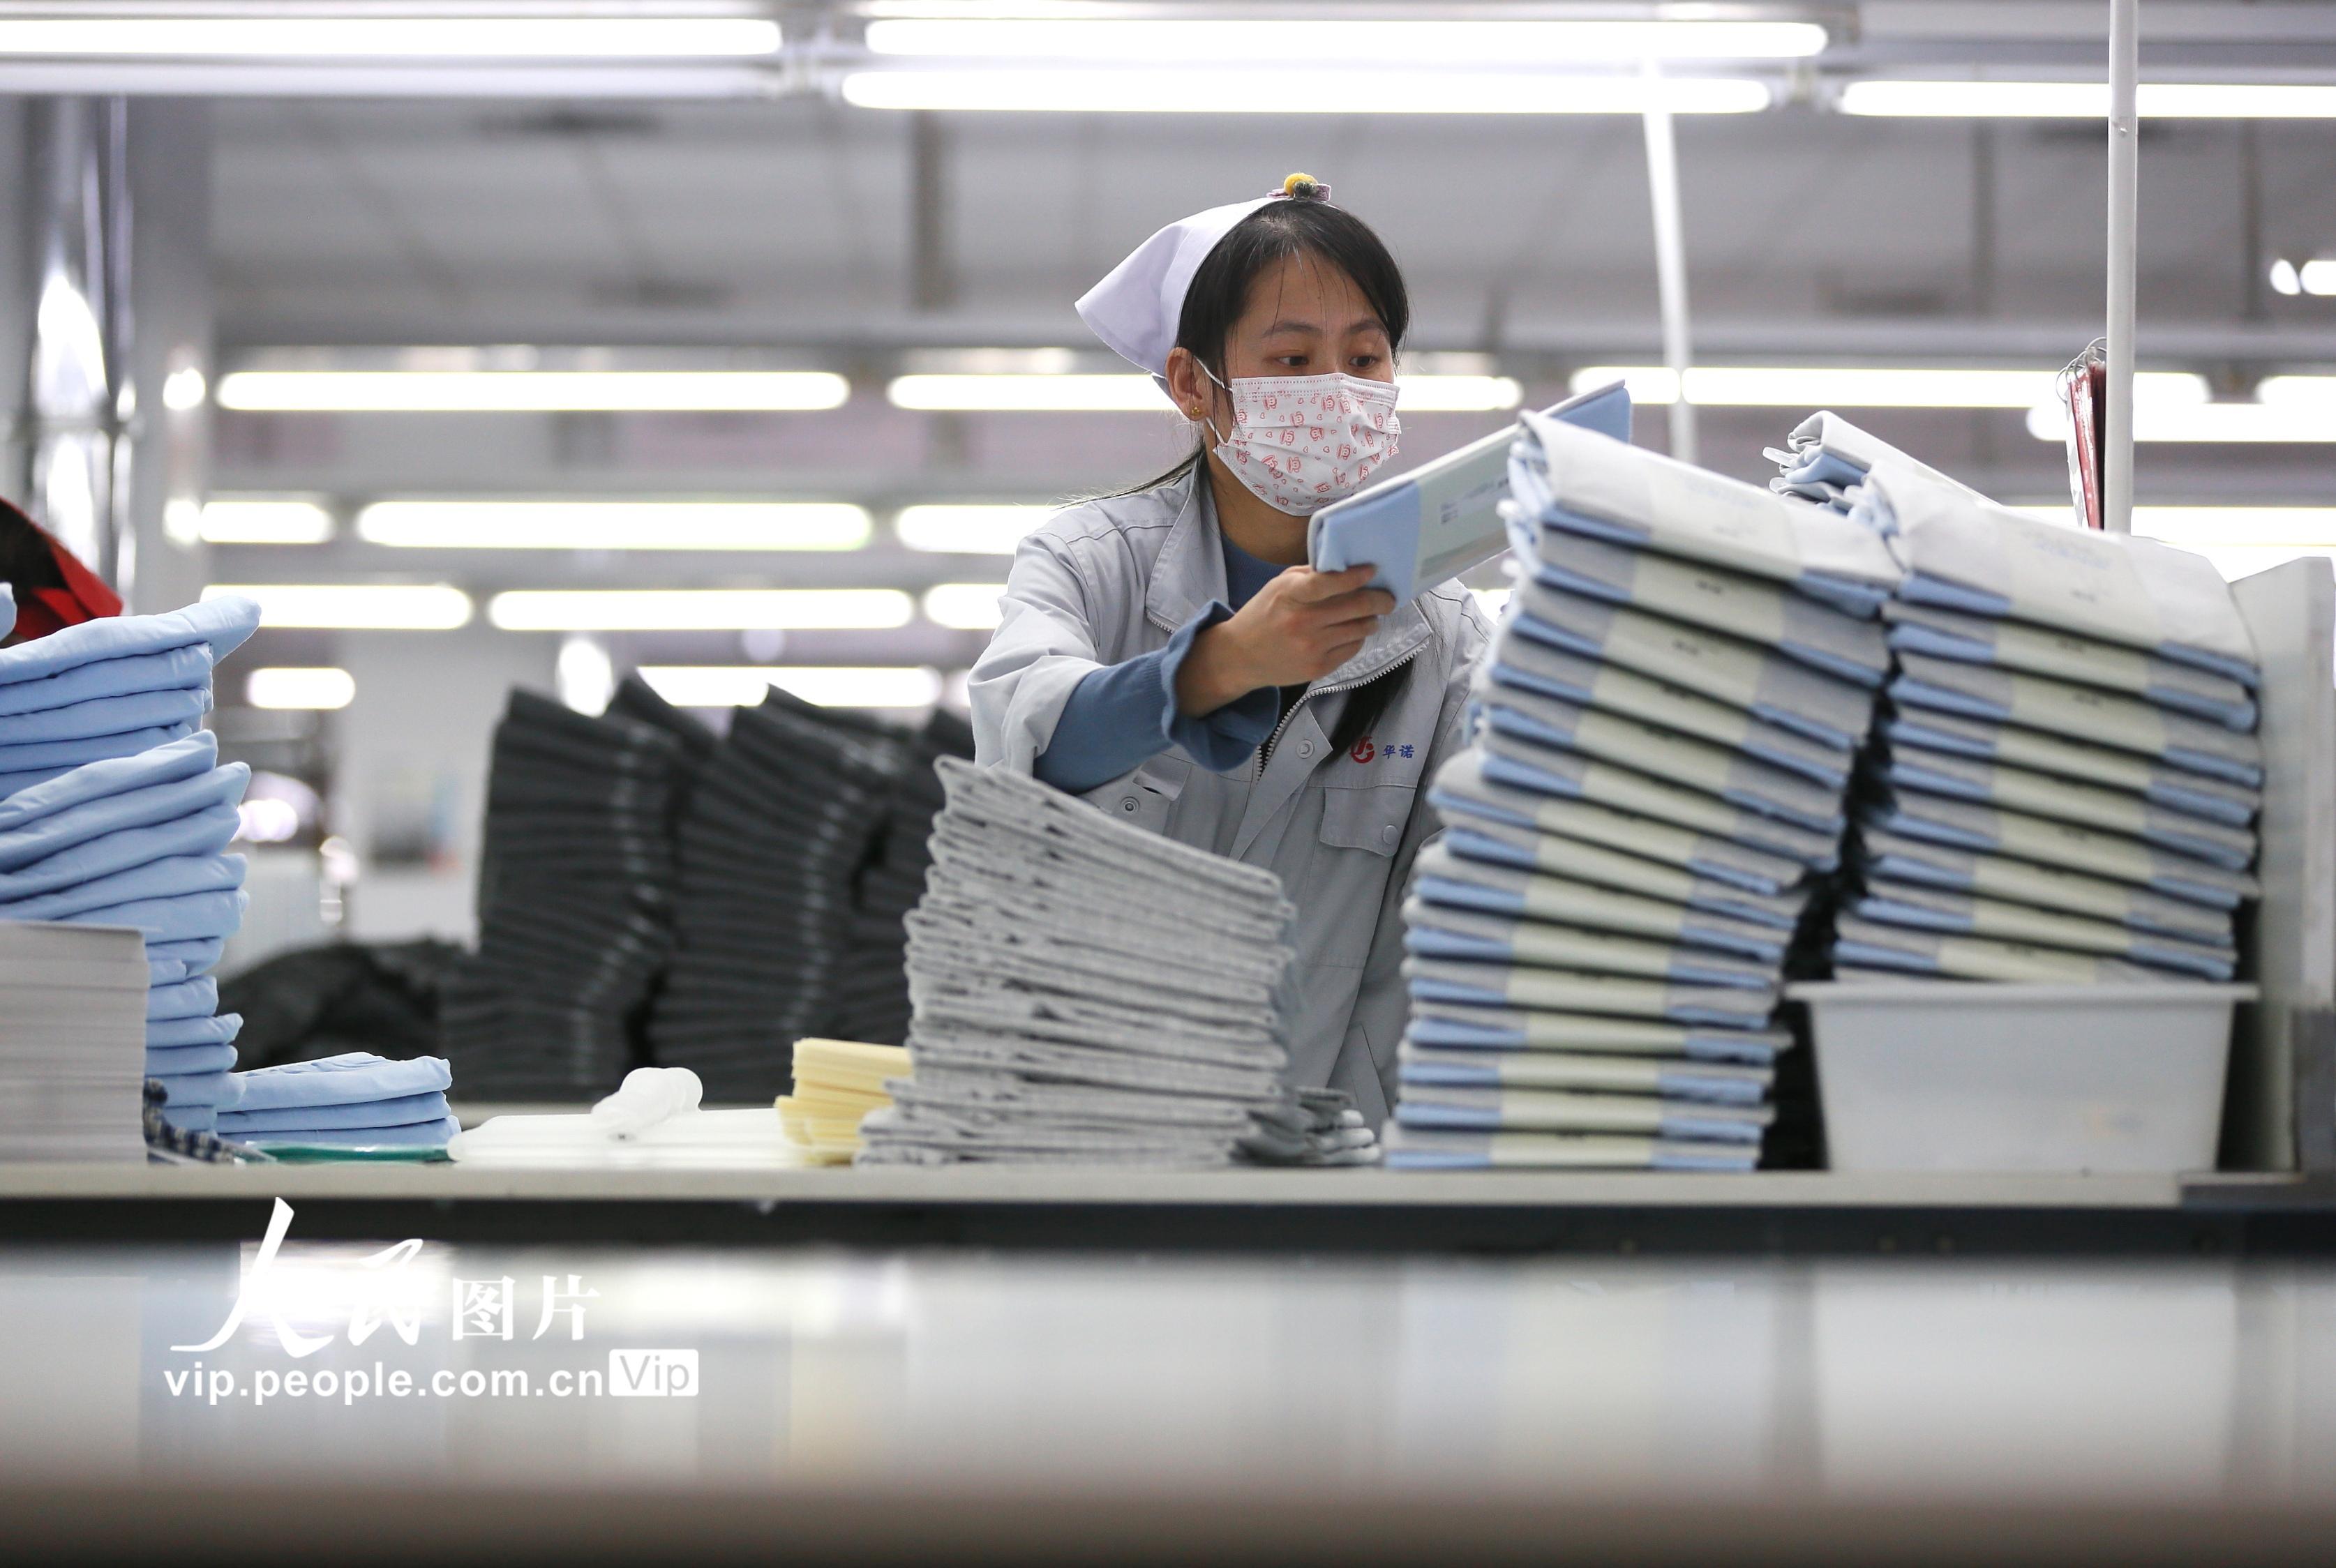 2020年2月14日,在位于山东青岛市即墨区的青岛即发集团有限公司生产车间里,工人在包装出口到海外的服装产品。